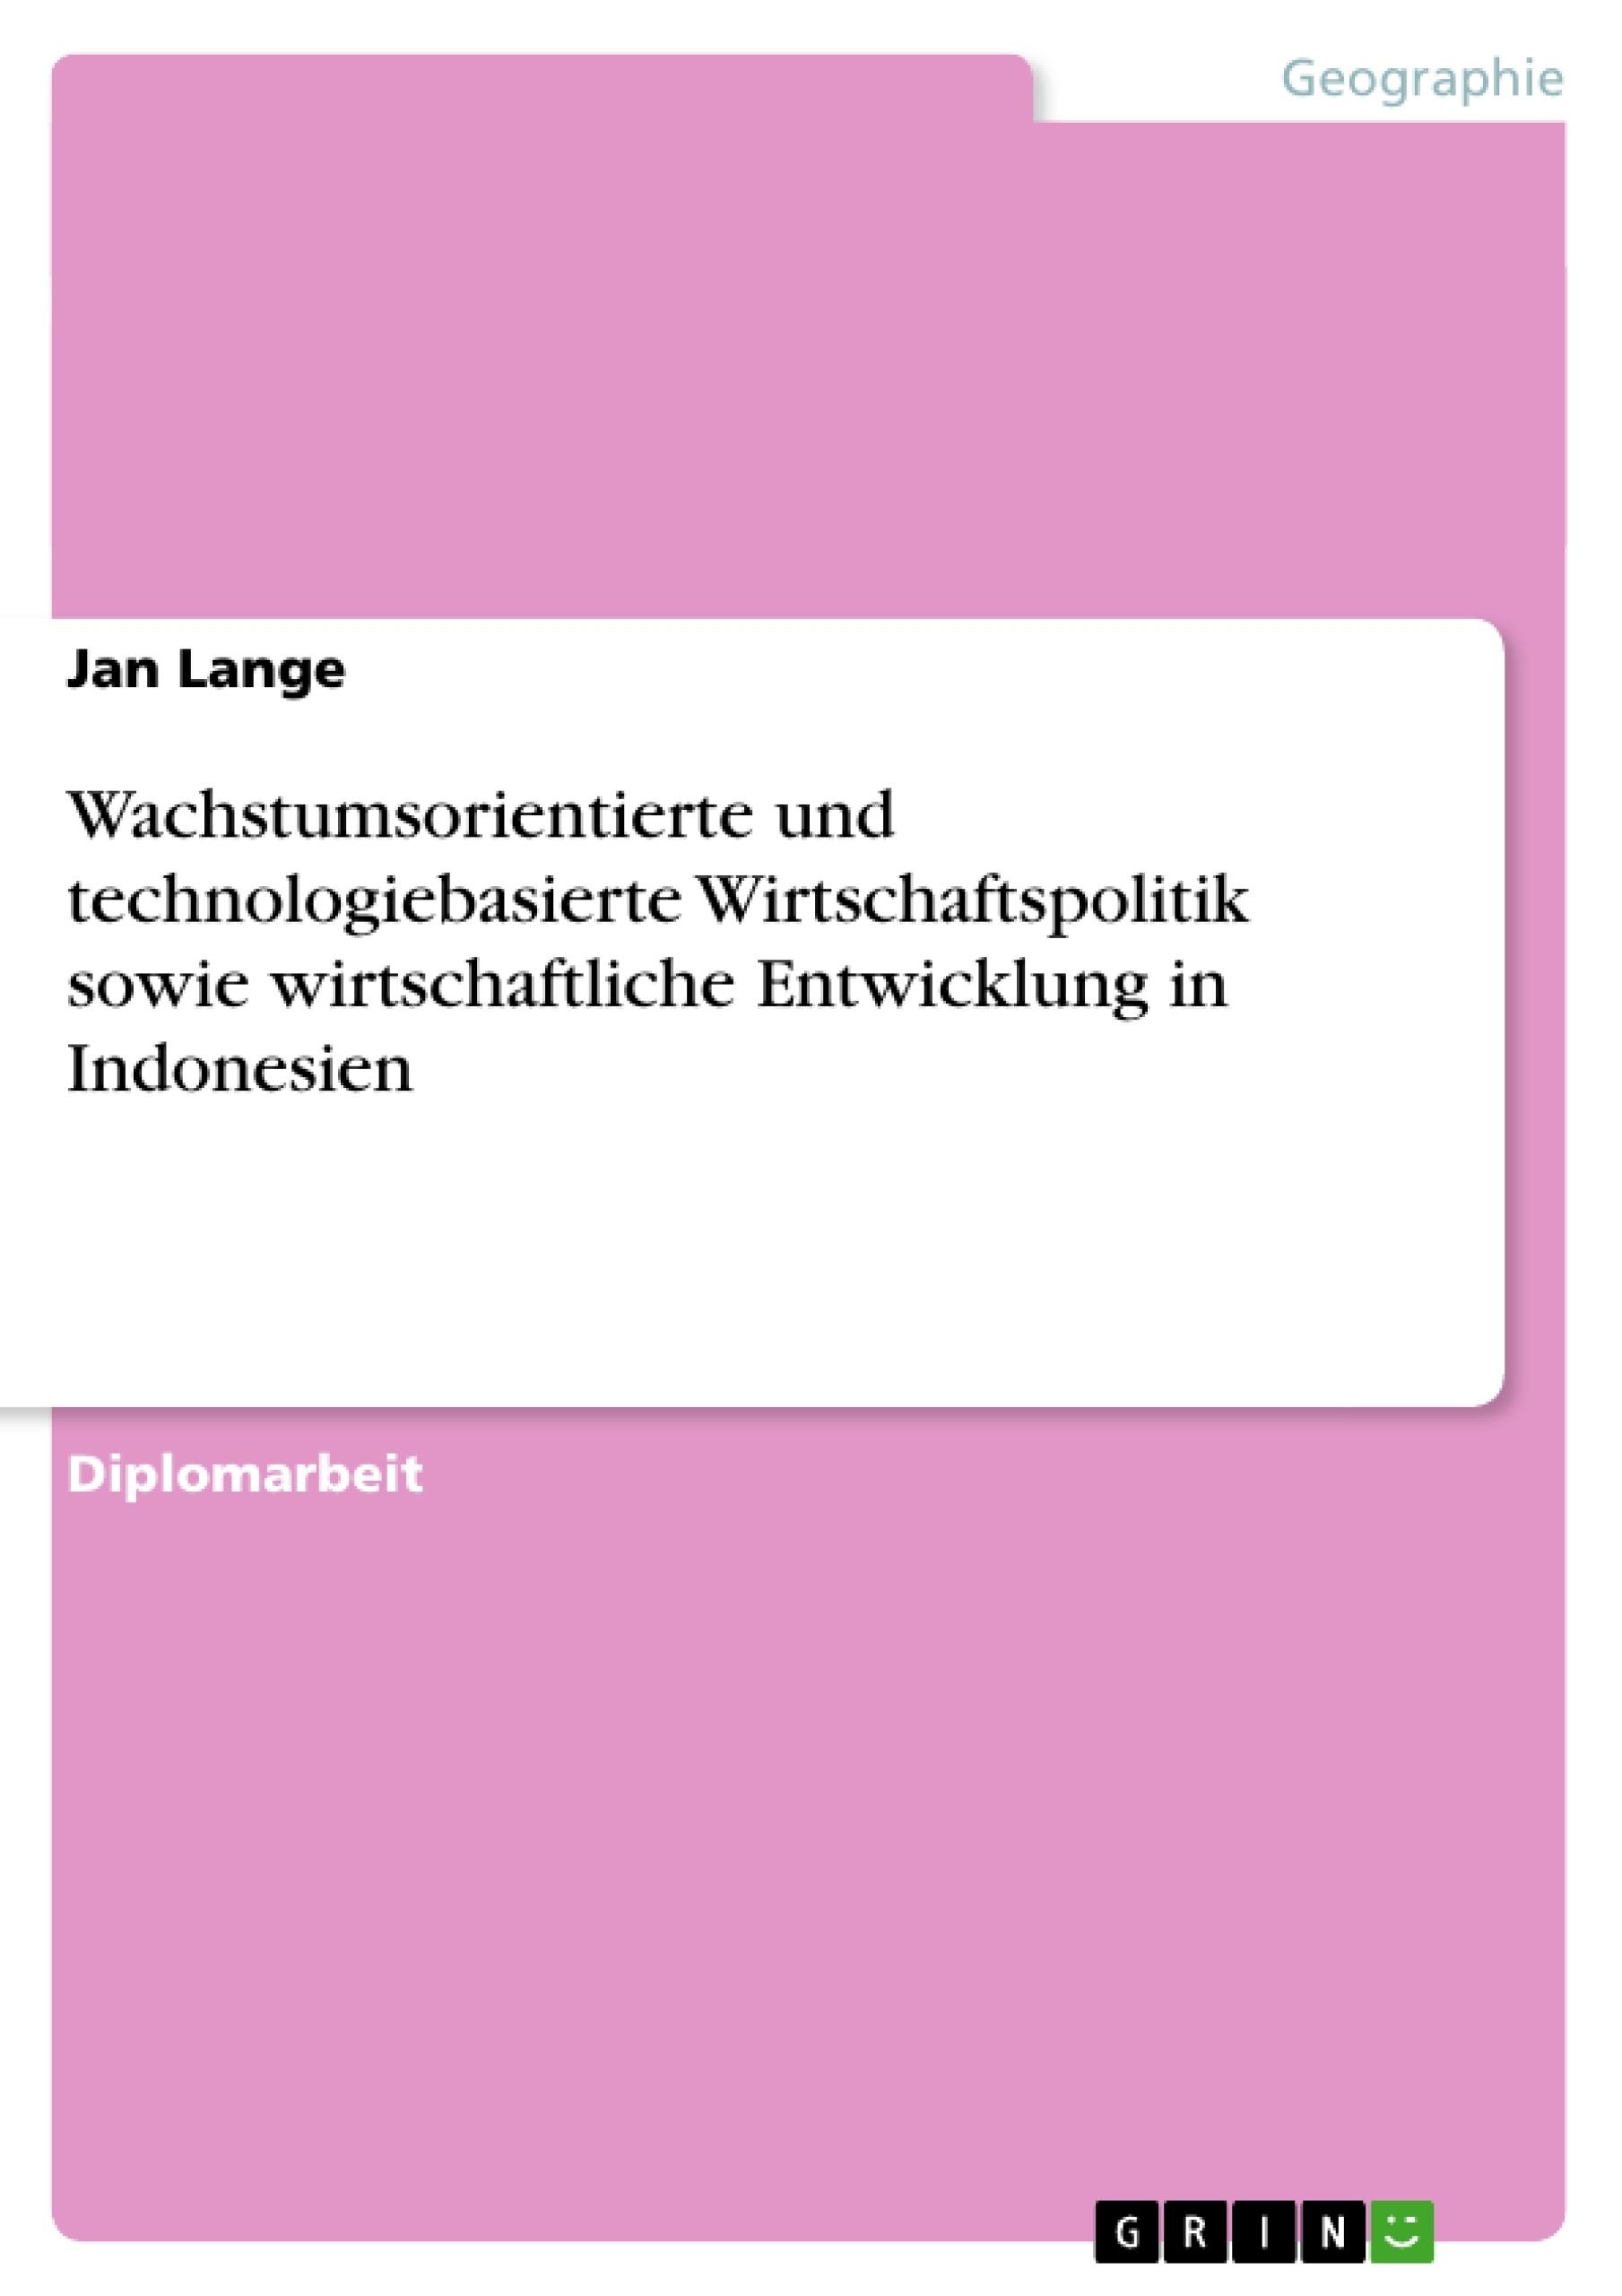 Titel: Wachstumsorientierte und technologiebasierte Wirtschaftspolitik sowie wirtschaftliche Entwicklung in Indonesien